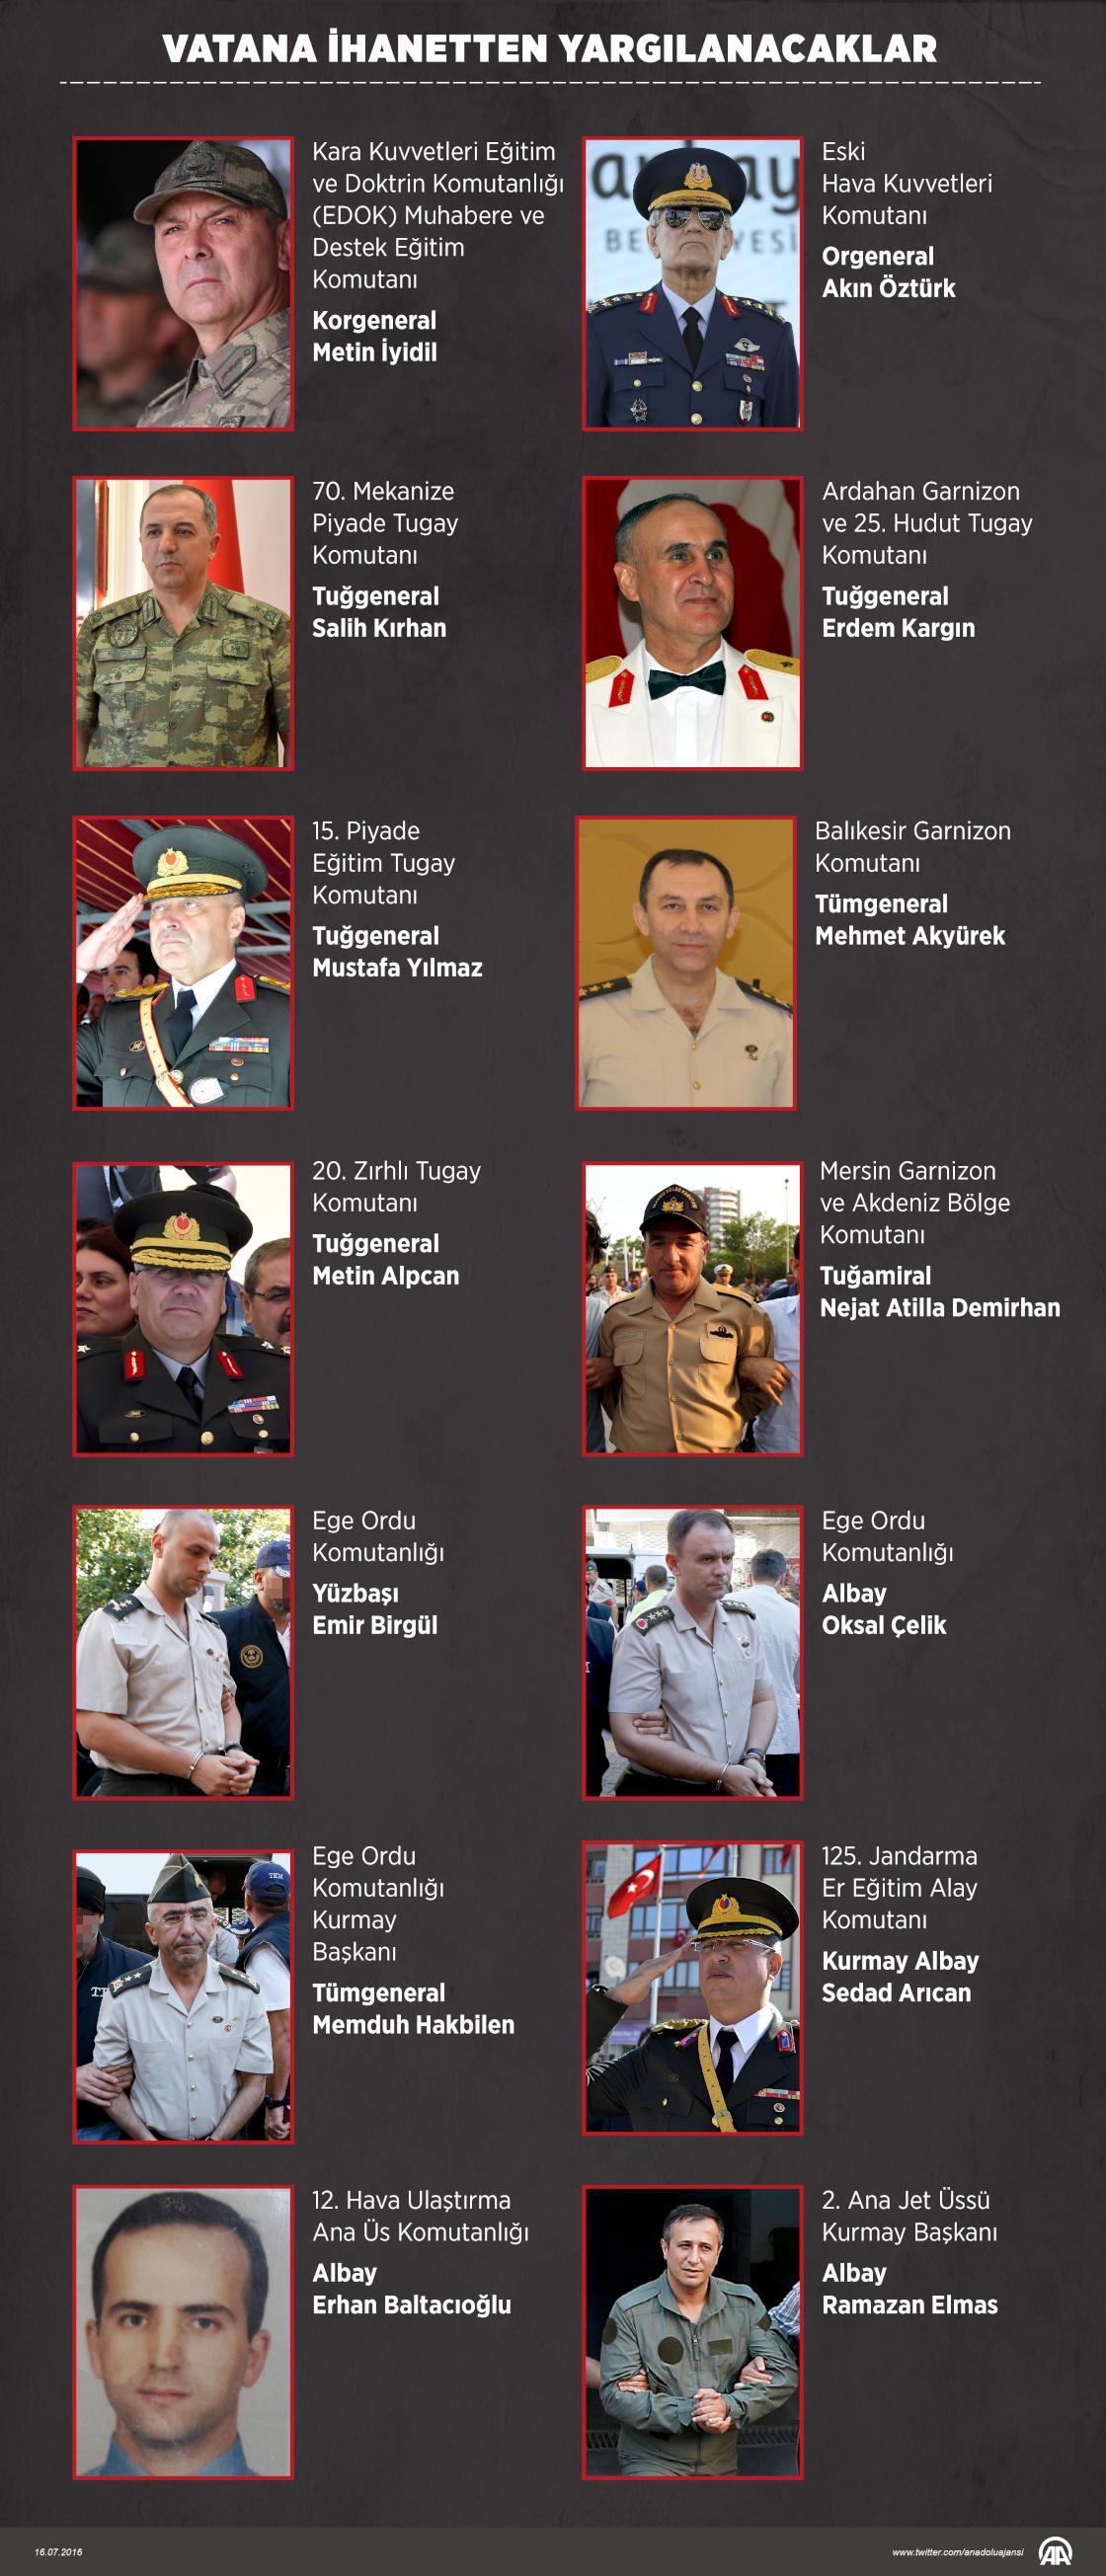 Список основных организаторов